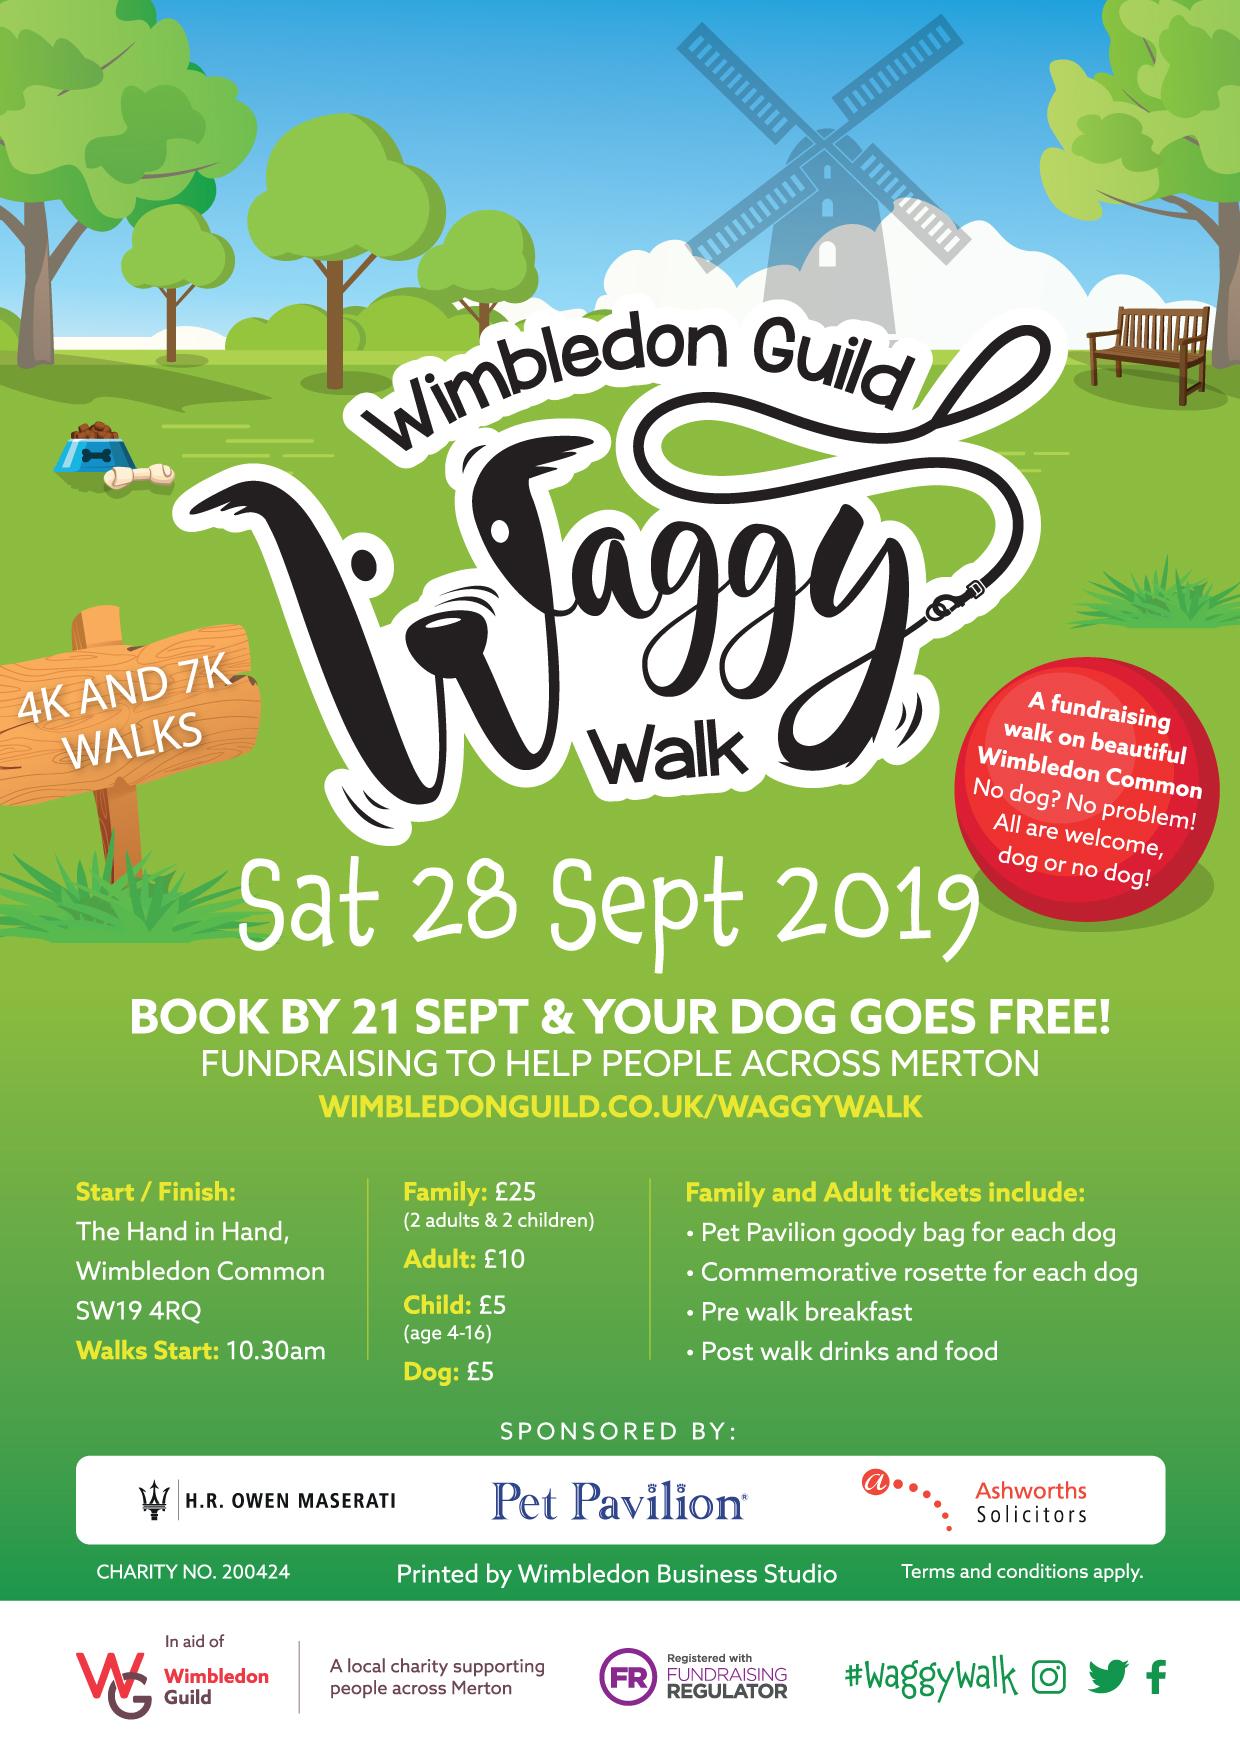 Wimbledon Guild Waggy Walk Poster Sept 2019